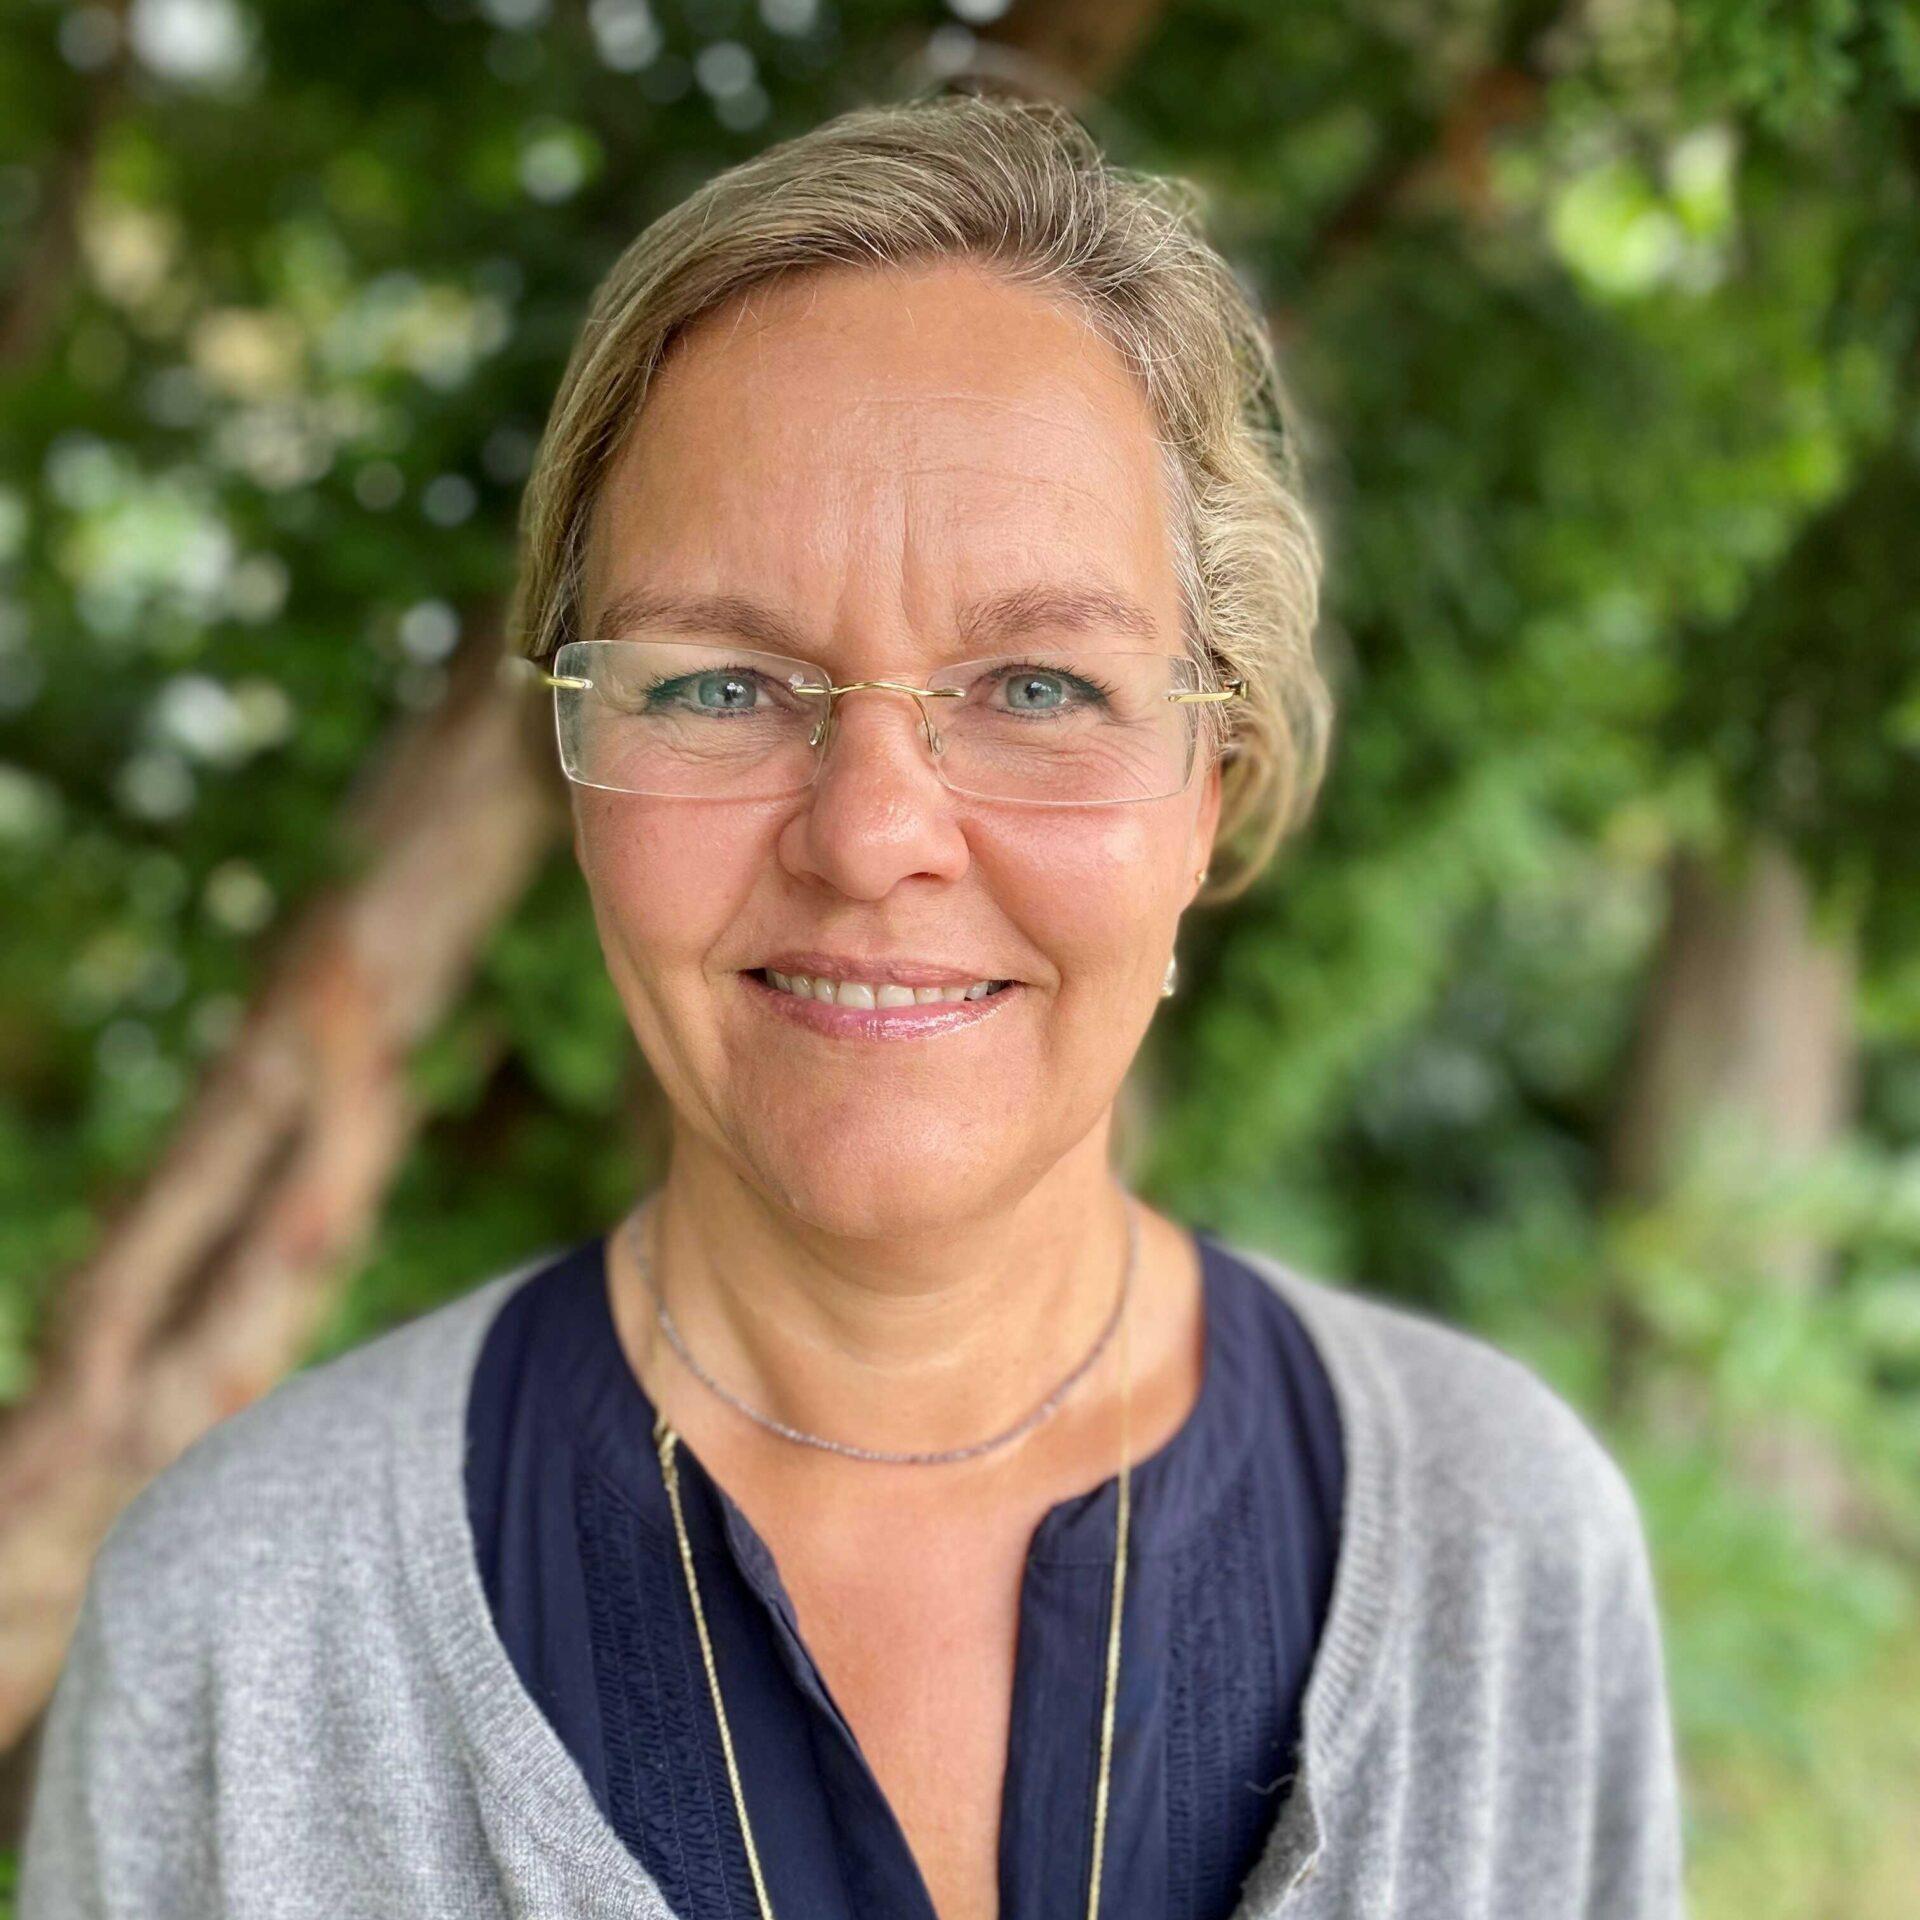 Anne Amalie Elgaard Thorup